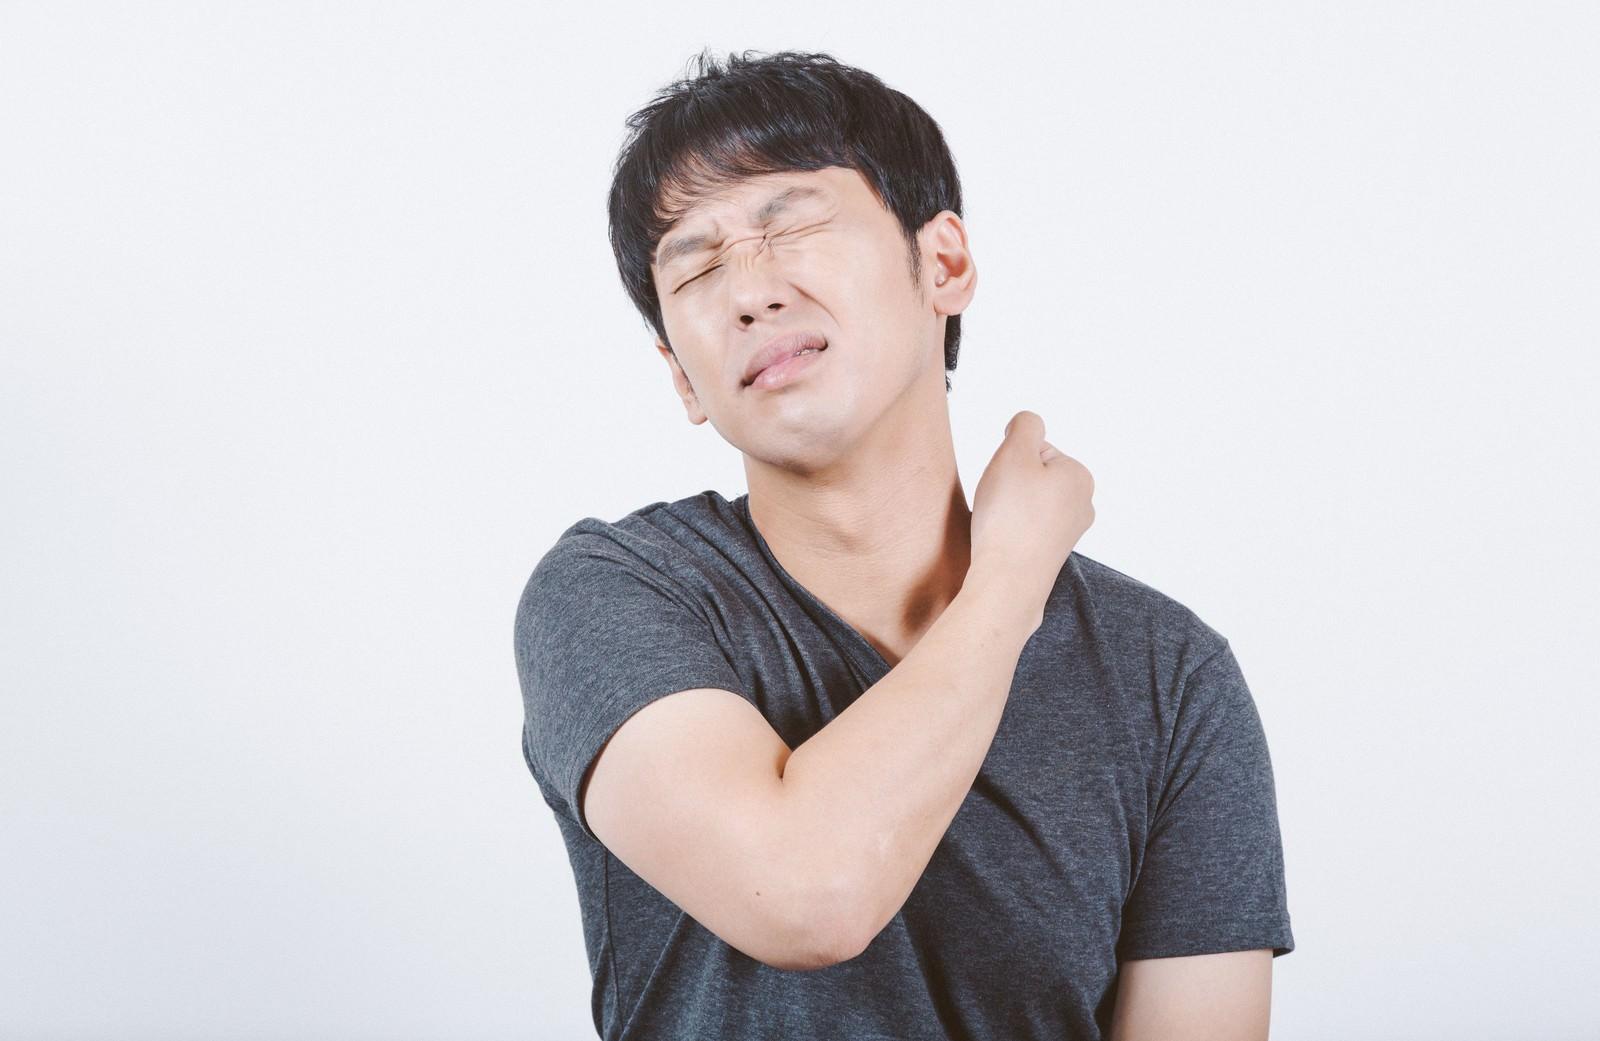 「首の痛みや違和感を感じる男性」の写真[モデル:大川竜弥]